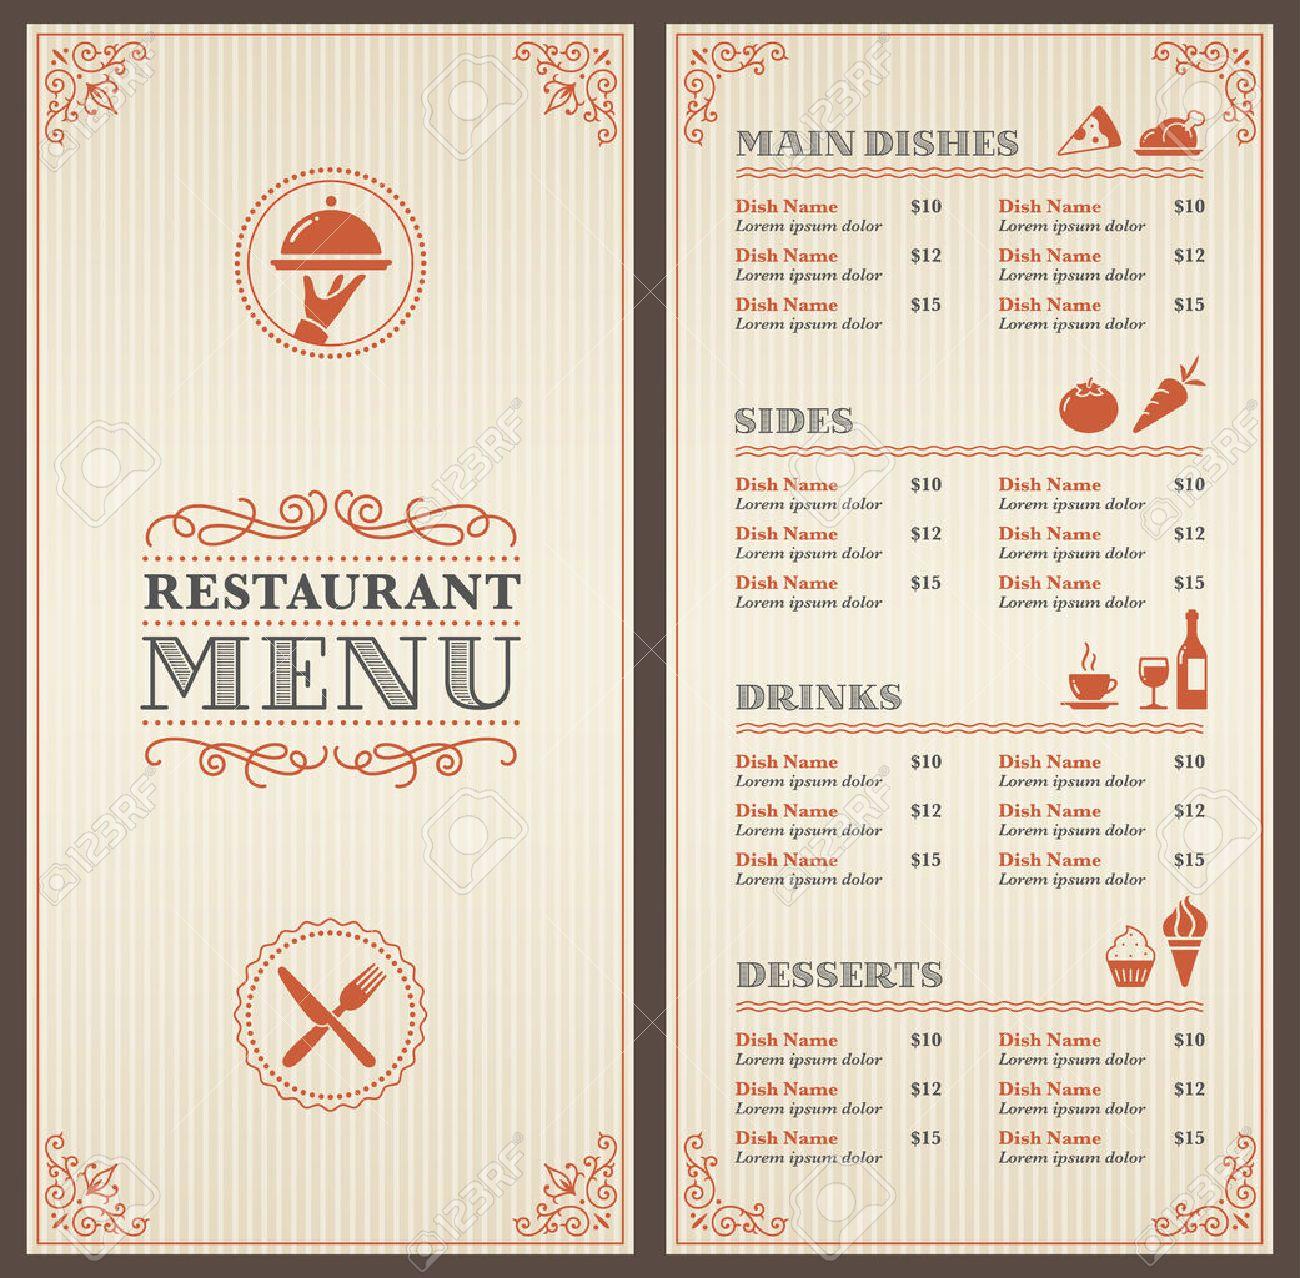 Un Restaurante Clásico De Plantillas De Menú Con Bonitos Iconos En ...